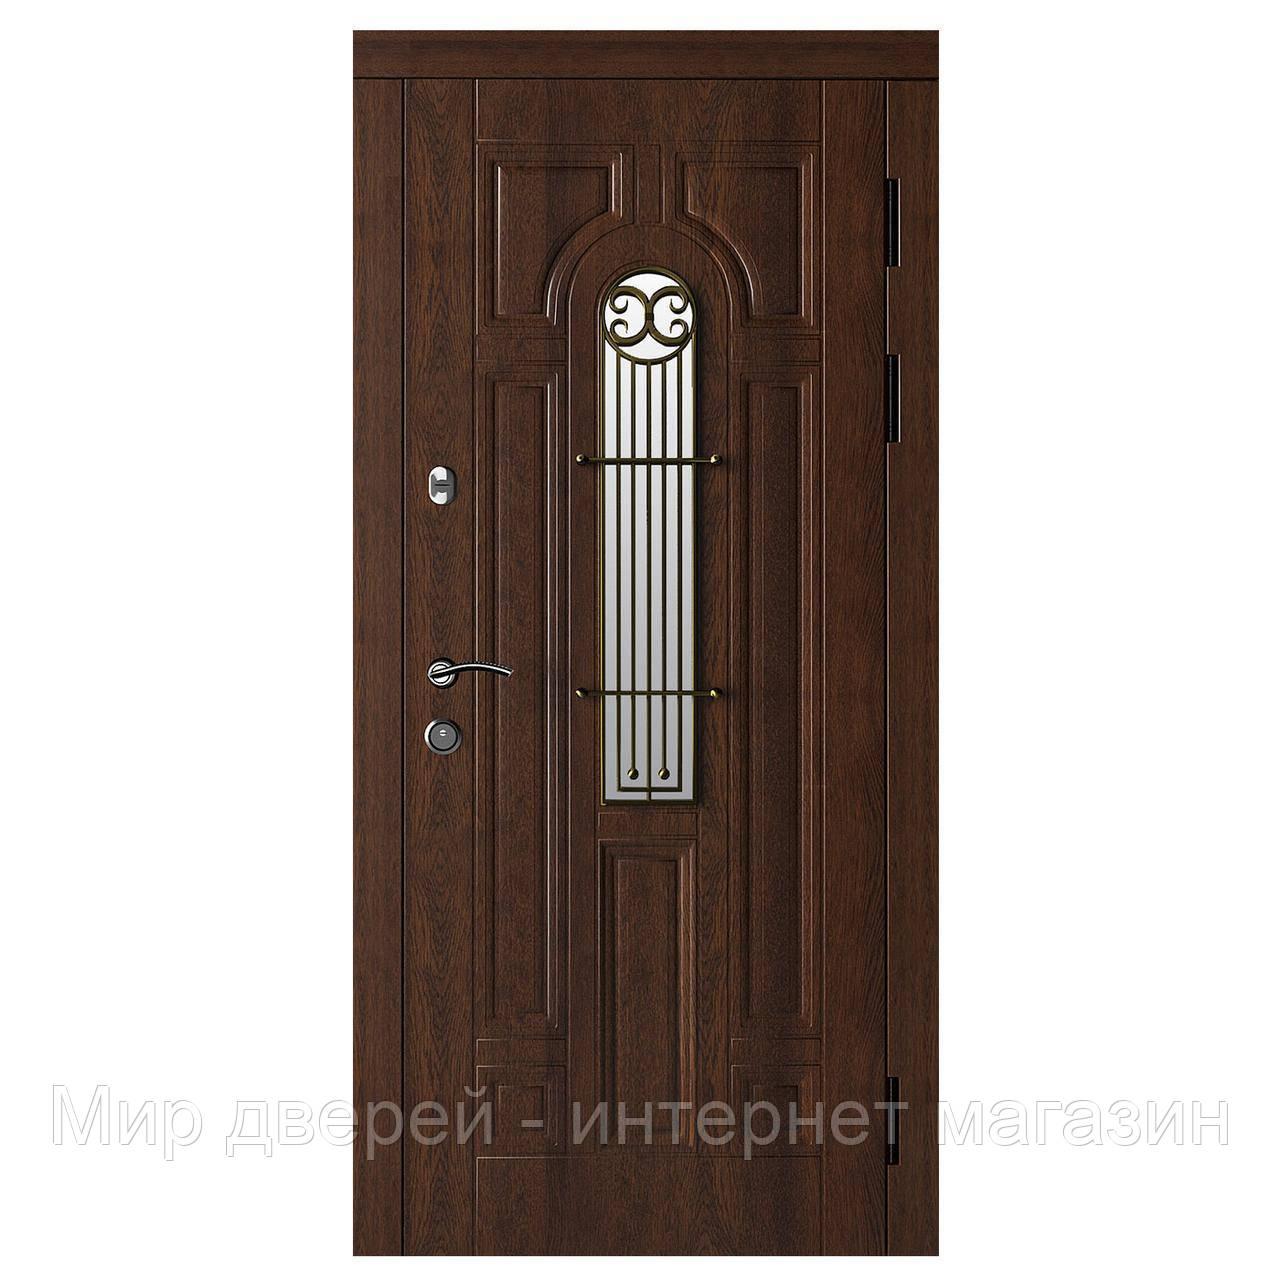 Двери входные KASKAD COTTAGE Лучия Премиум 100